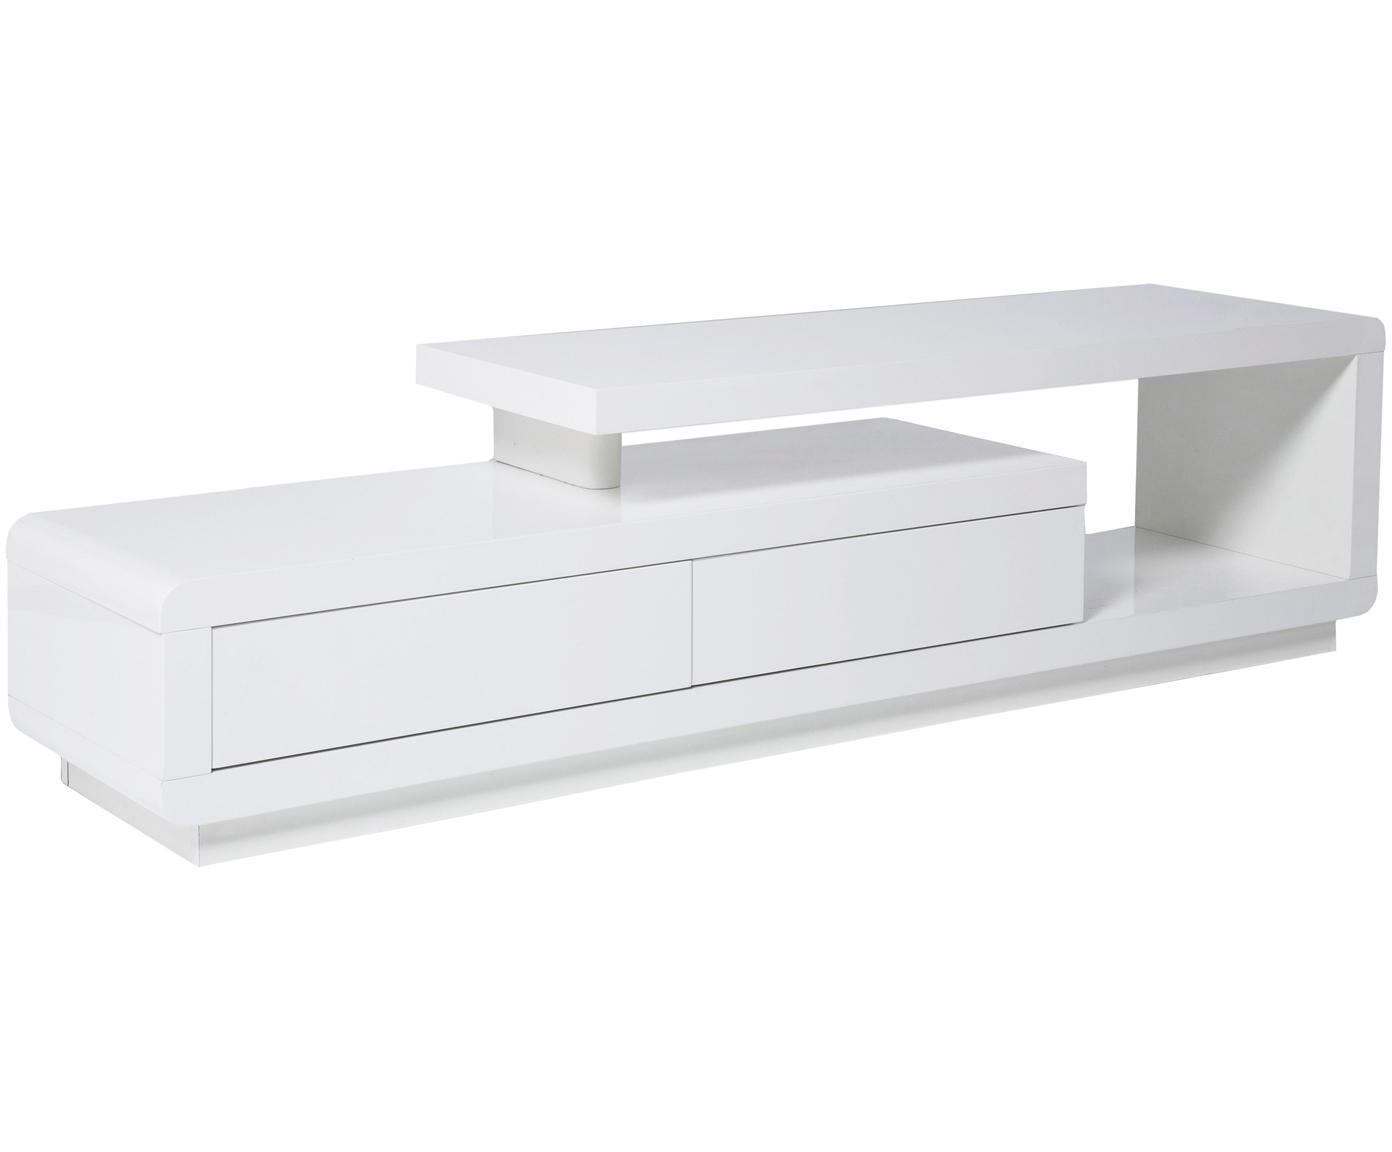 TV-Lowboard Loft in Weiß, Mitteldichte Holzfaserplatte (MDF), lackiert, Weiß, 170 x 45 cm